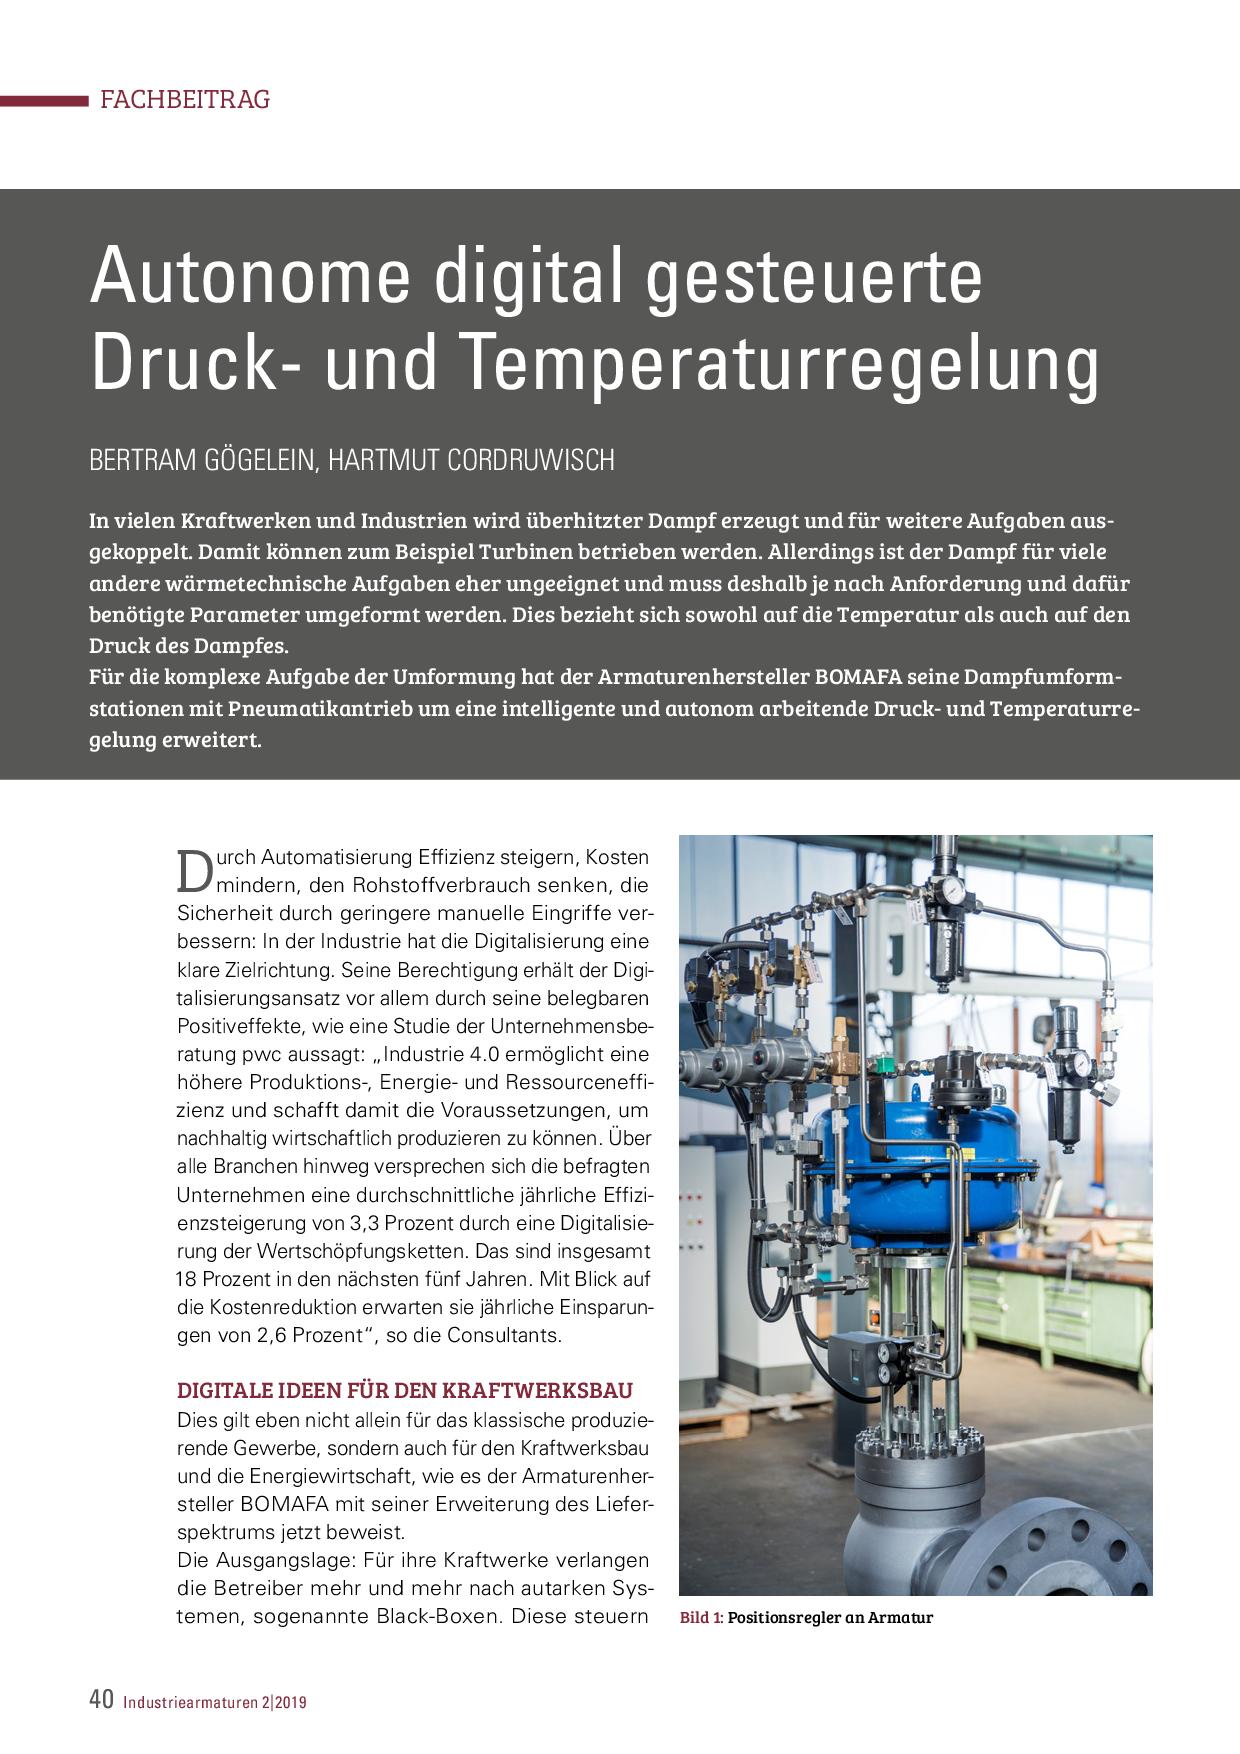 Autonome digital gesteuerte Druck- und Temperaturregelung